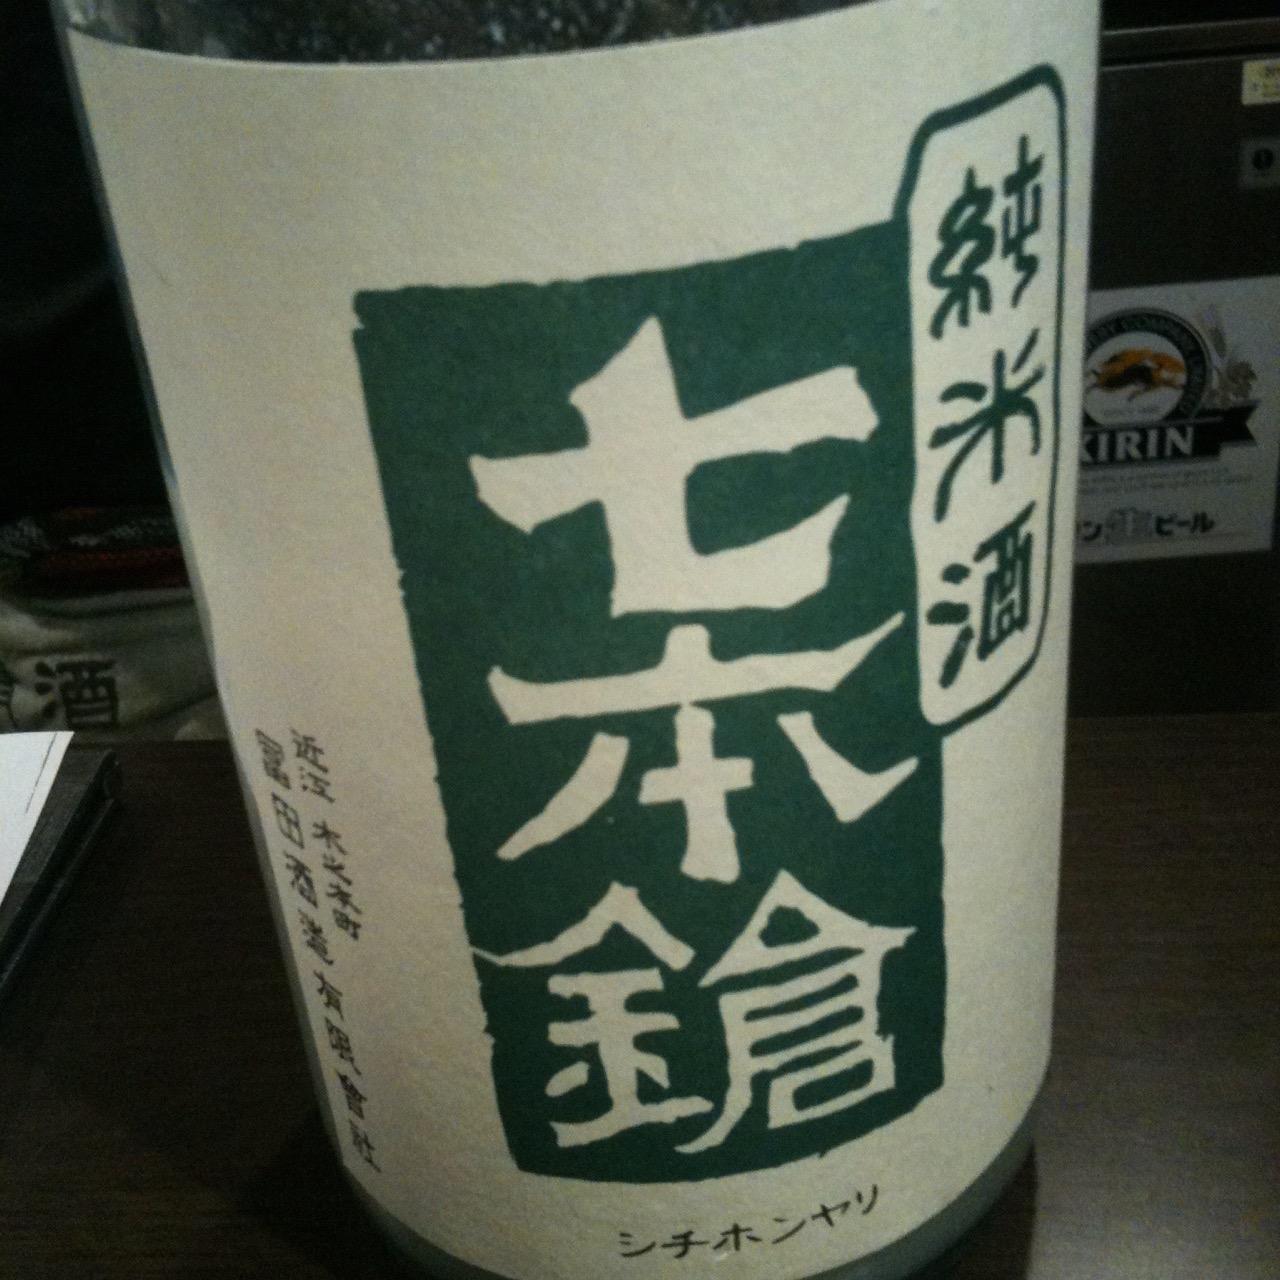 純米酒 七本鎗 にごり酒 日本酒テイスティングノート